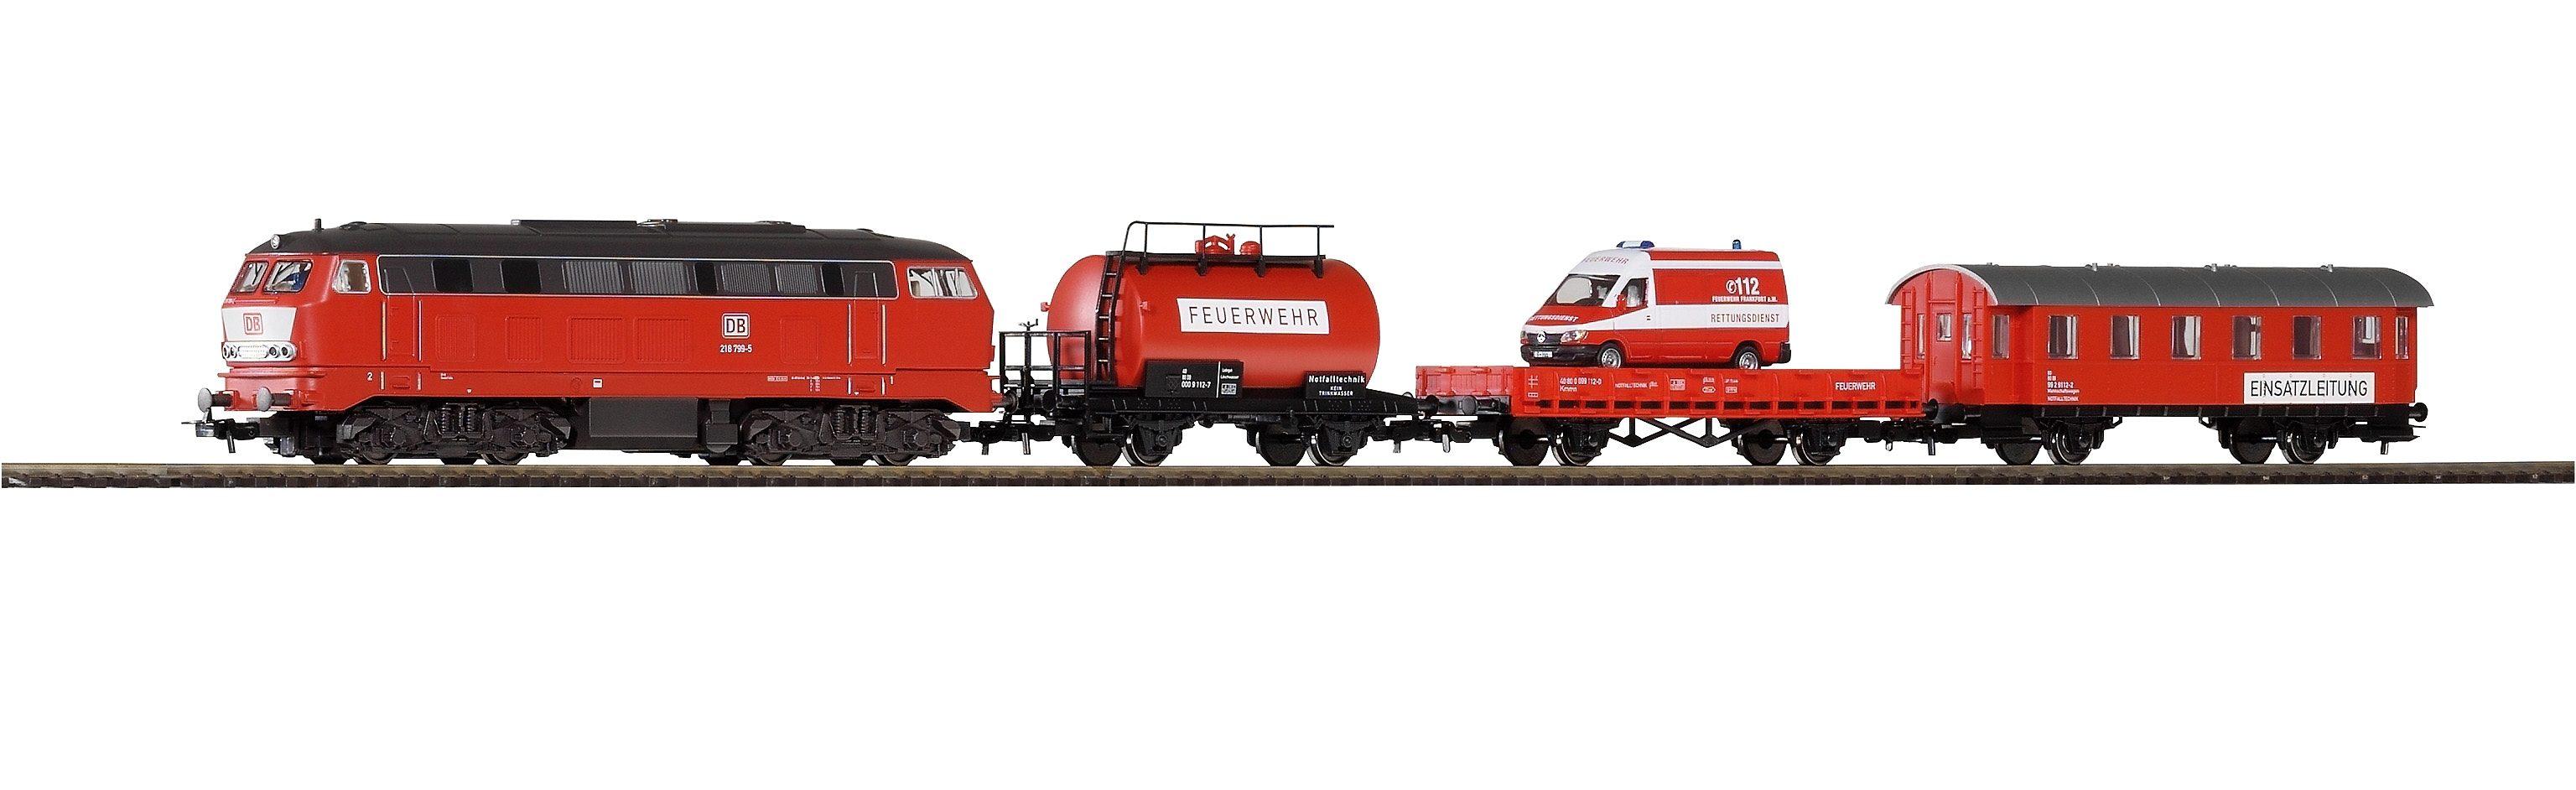 PIKO Modelleisenbahn Startpaket, »Start-Set Feuerwehr - Gleichstrom« Spur H0